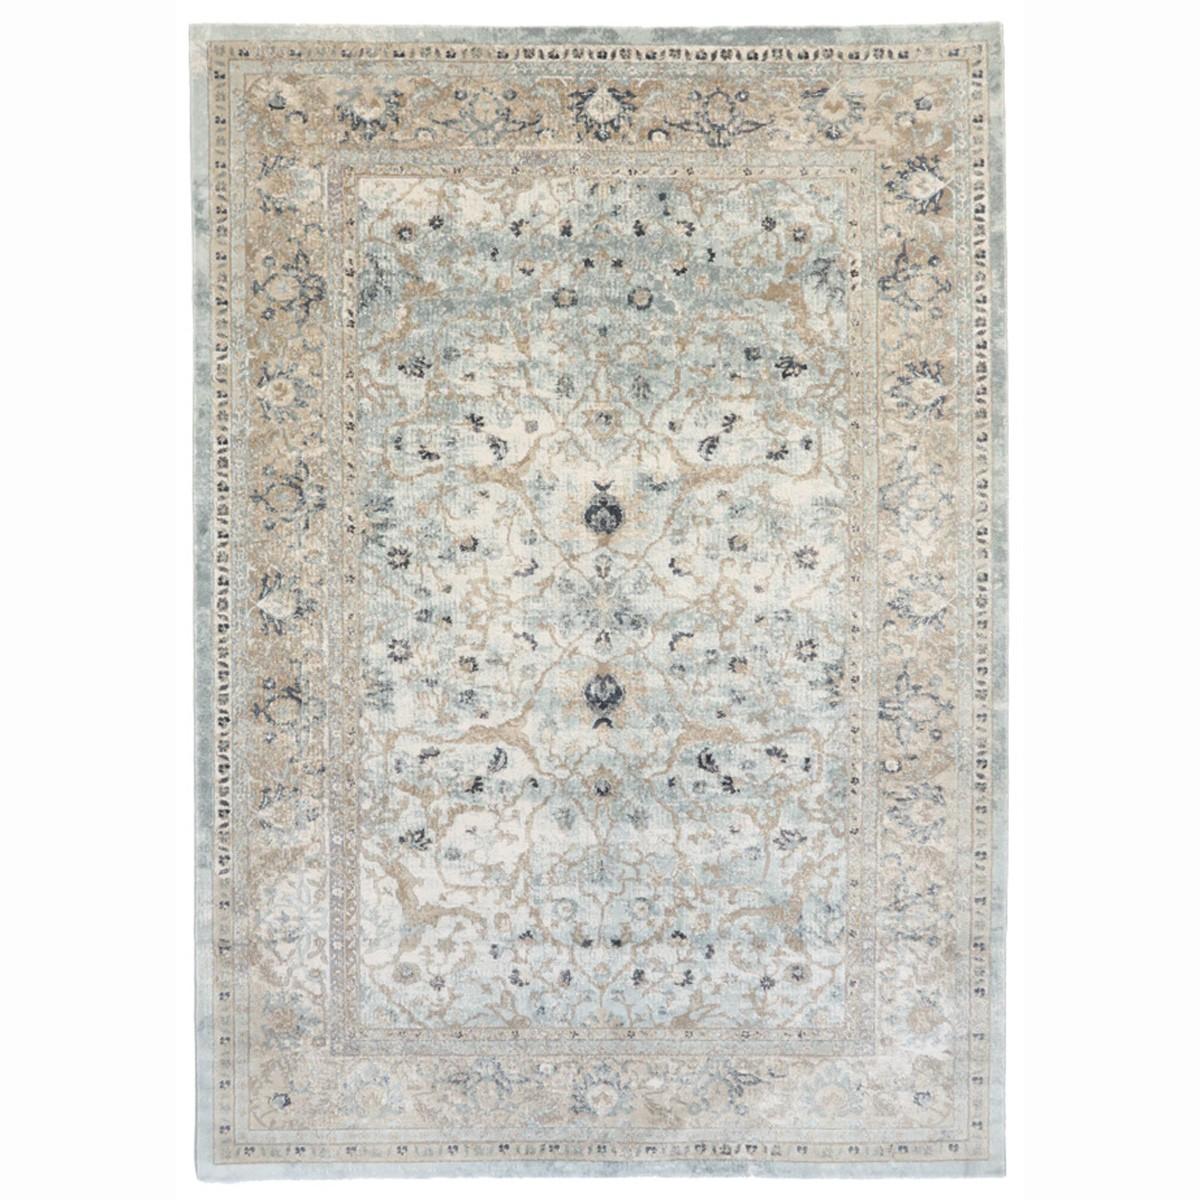 Καλοκαιρινό Χαλί (200x250) Royal Carpets Lusso 356-11